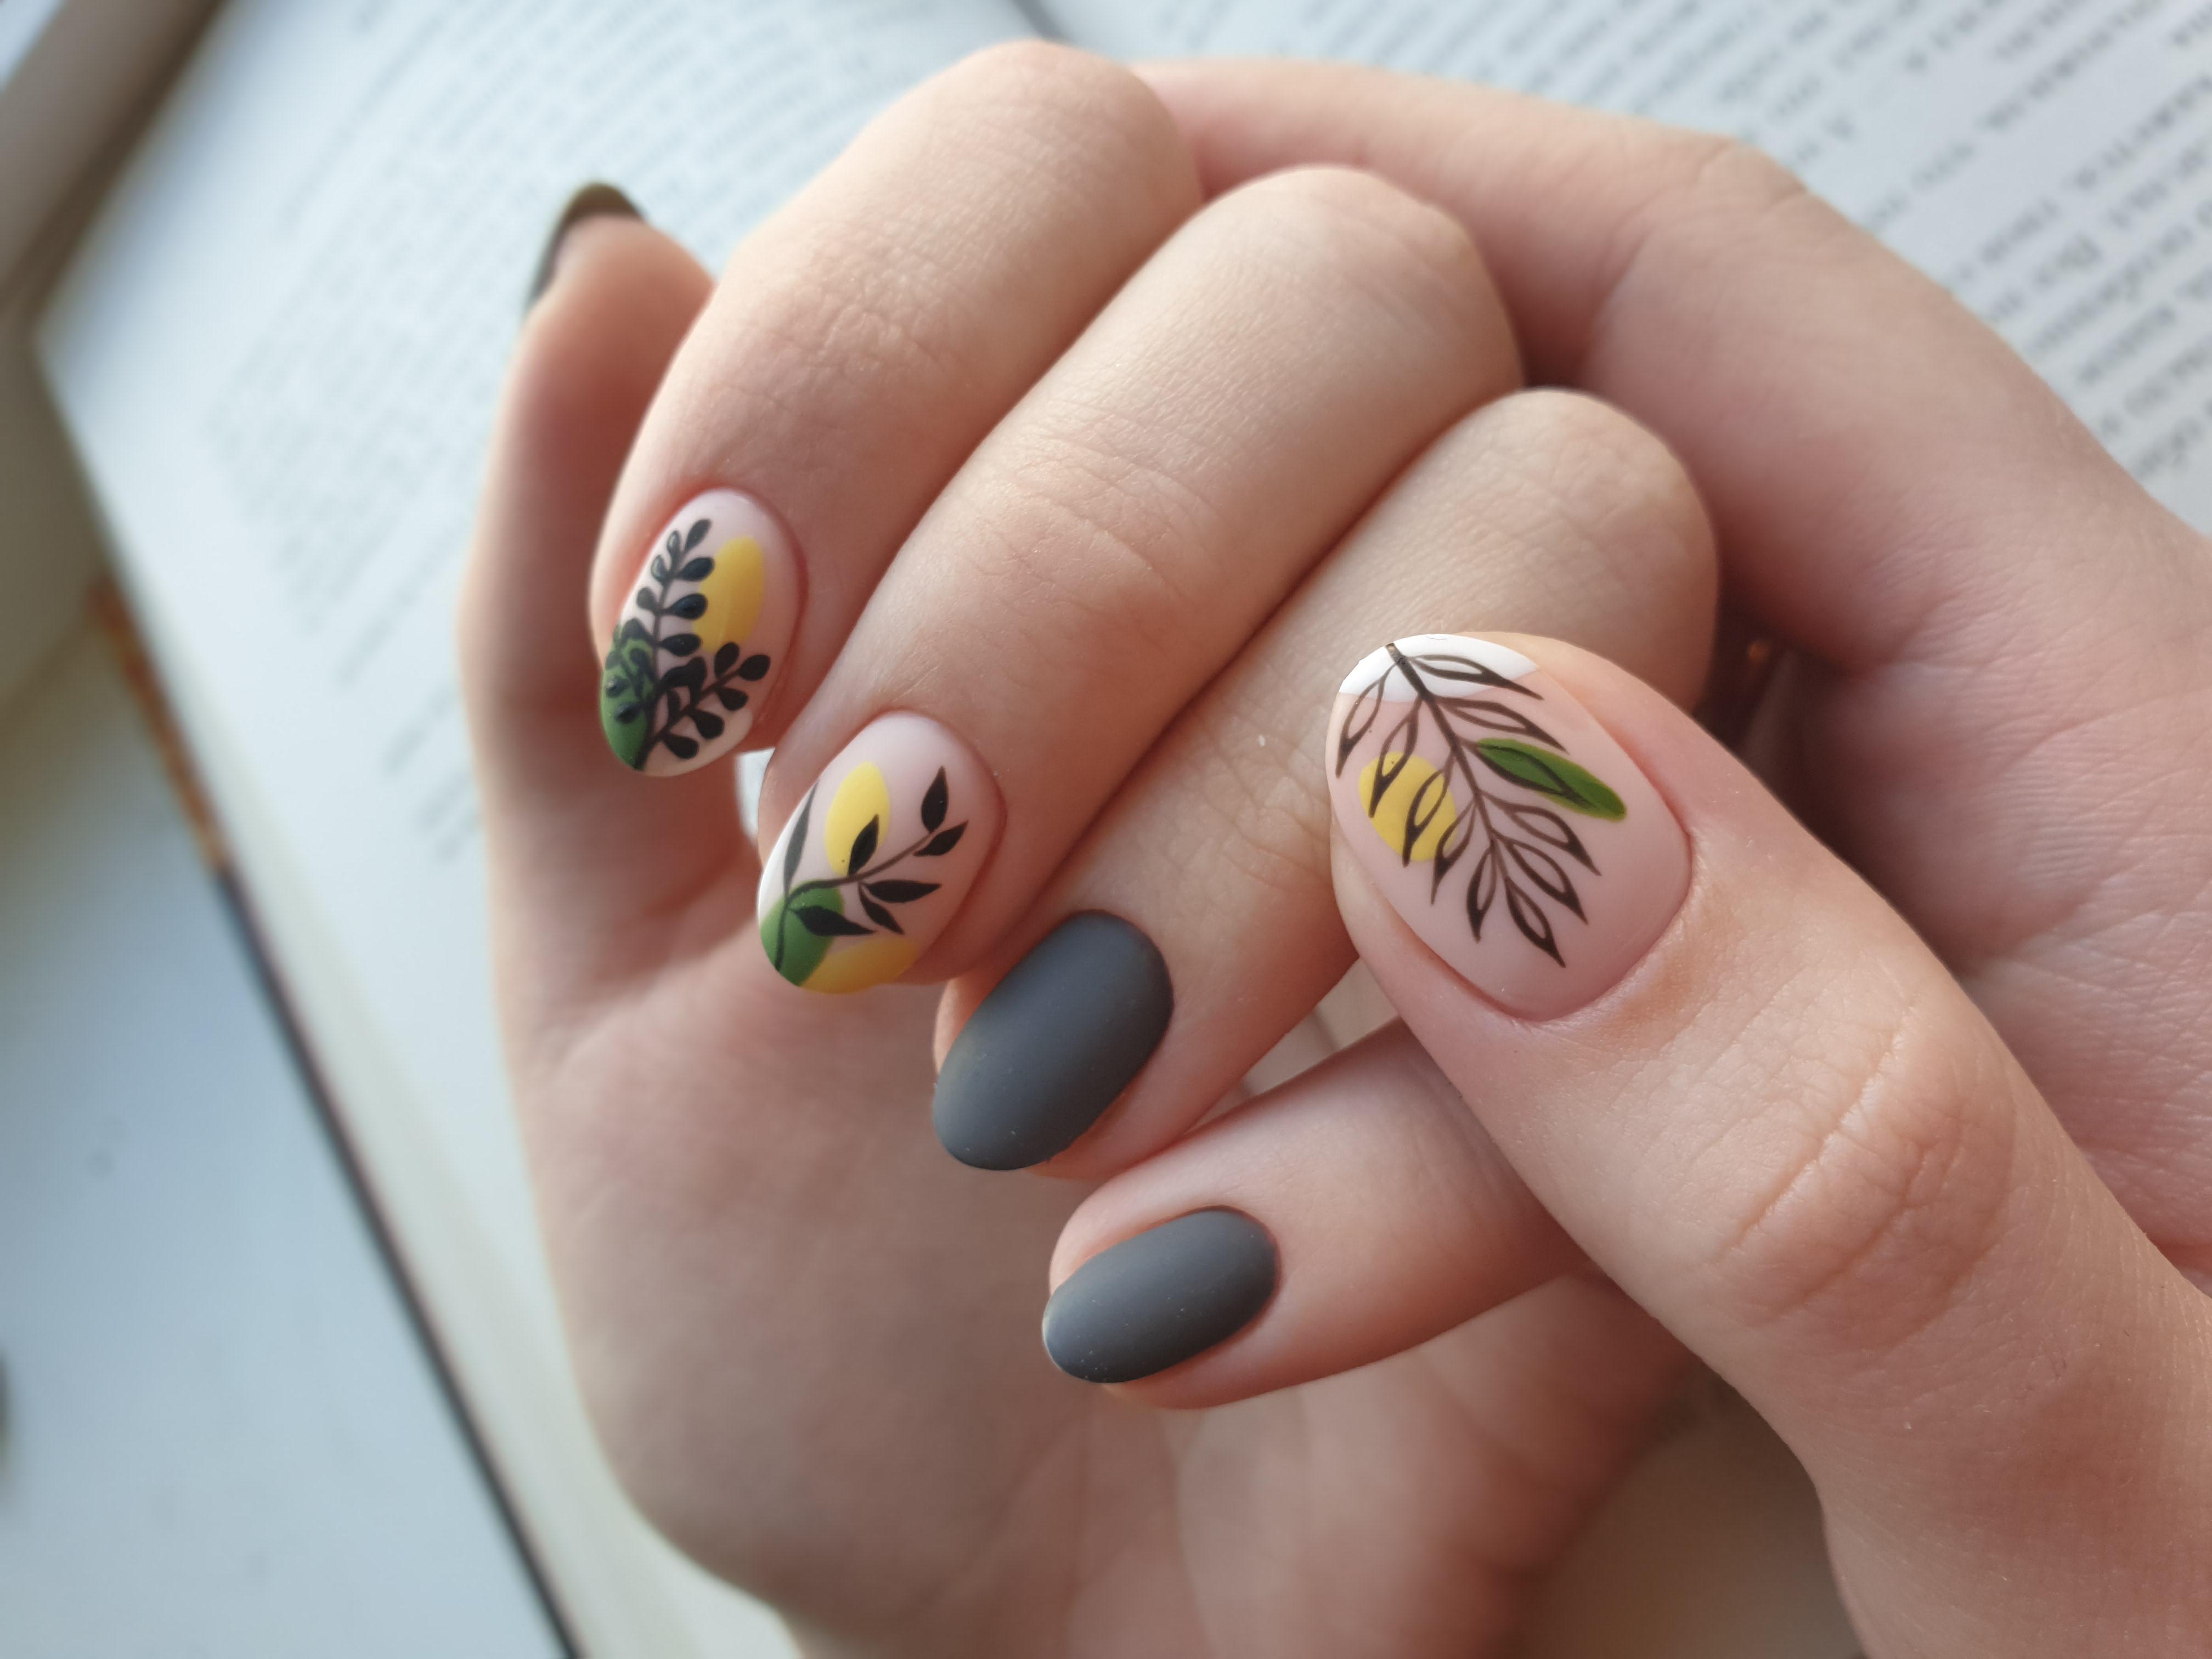 Матовый маникюр с растительными слайдерами в сером цвете на короткие ногти.